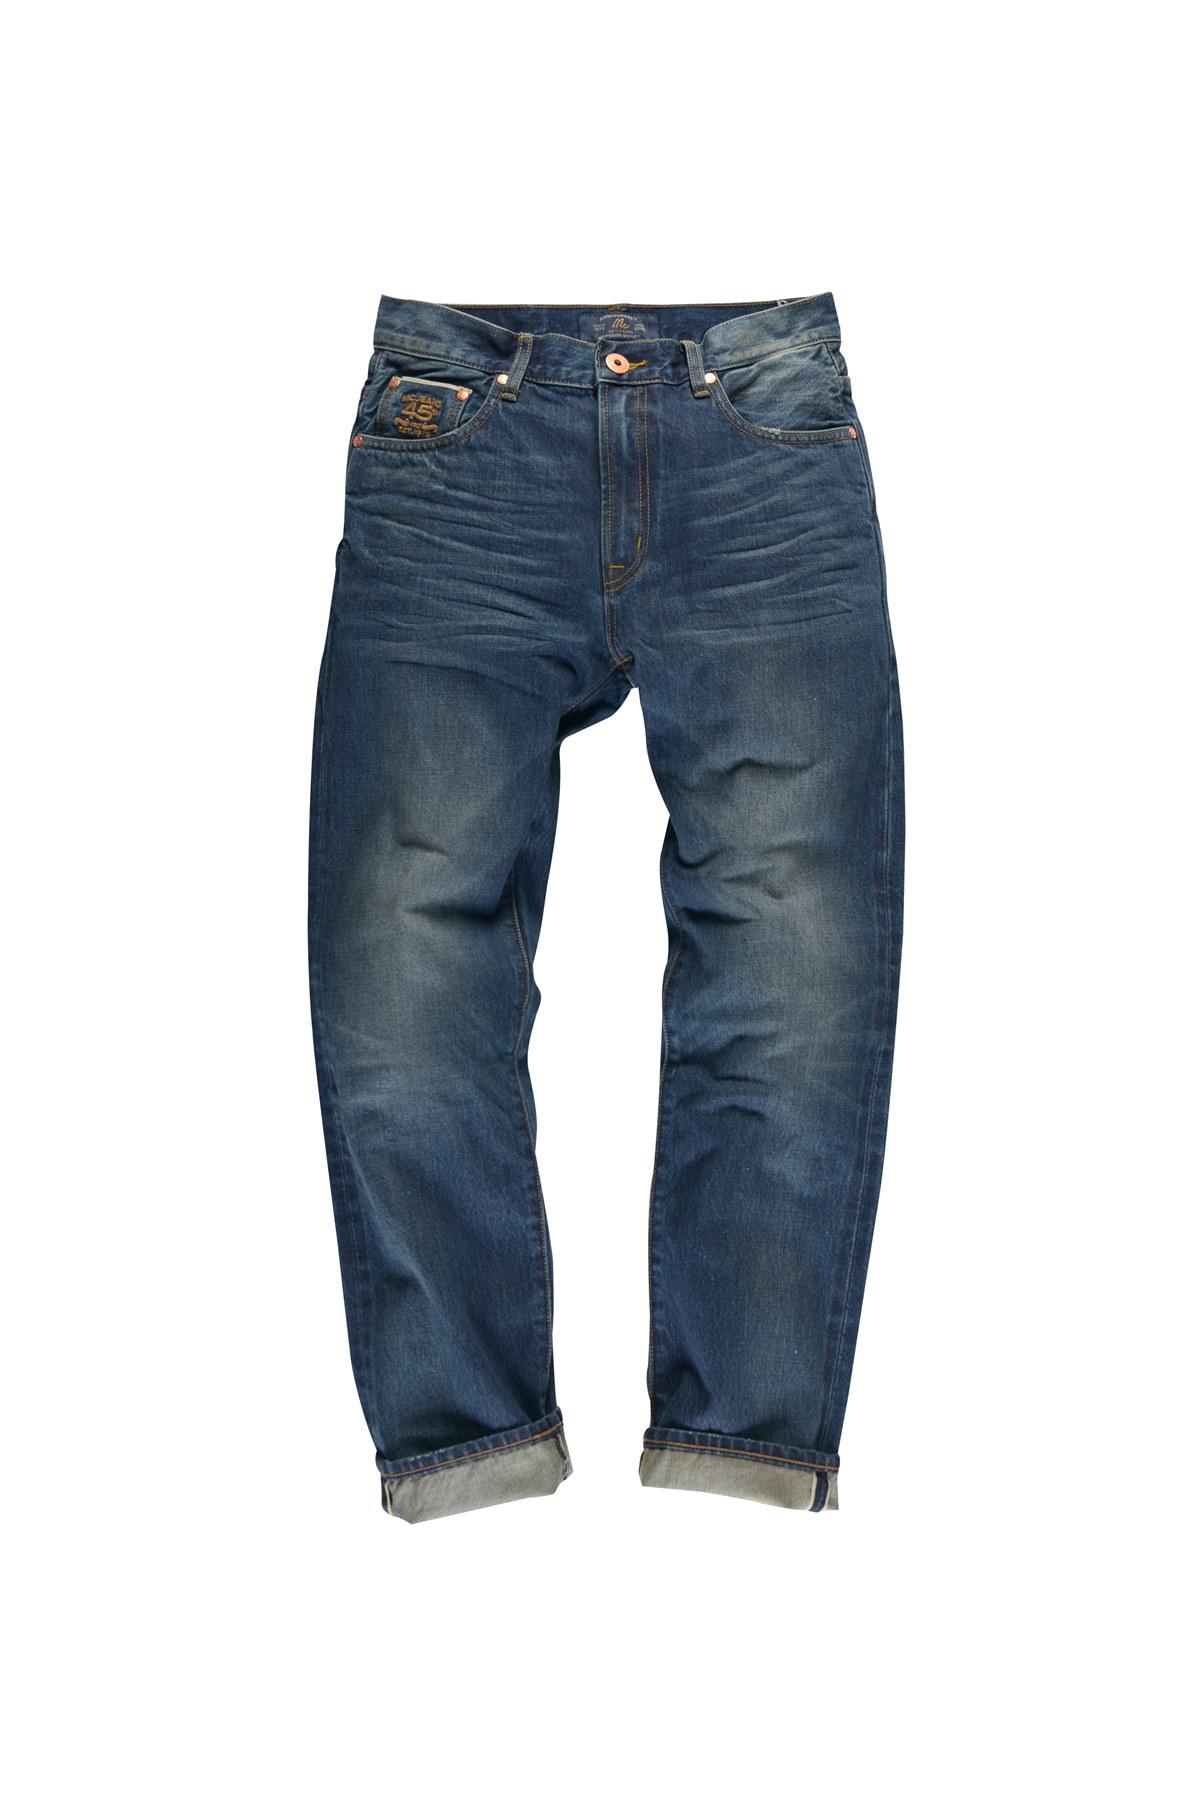 กางเกงยีนส์mc